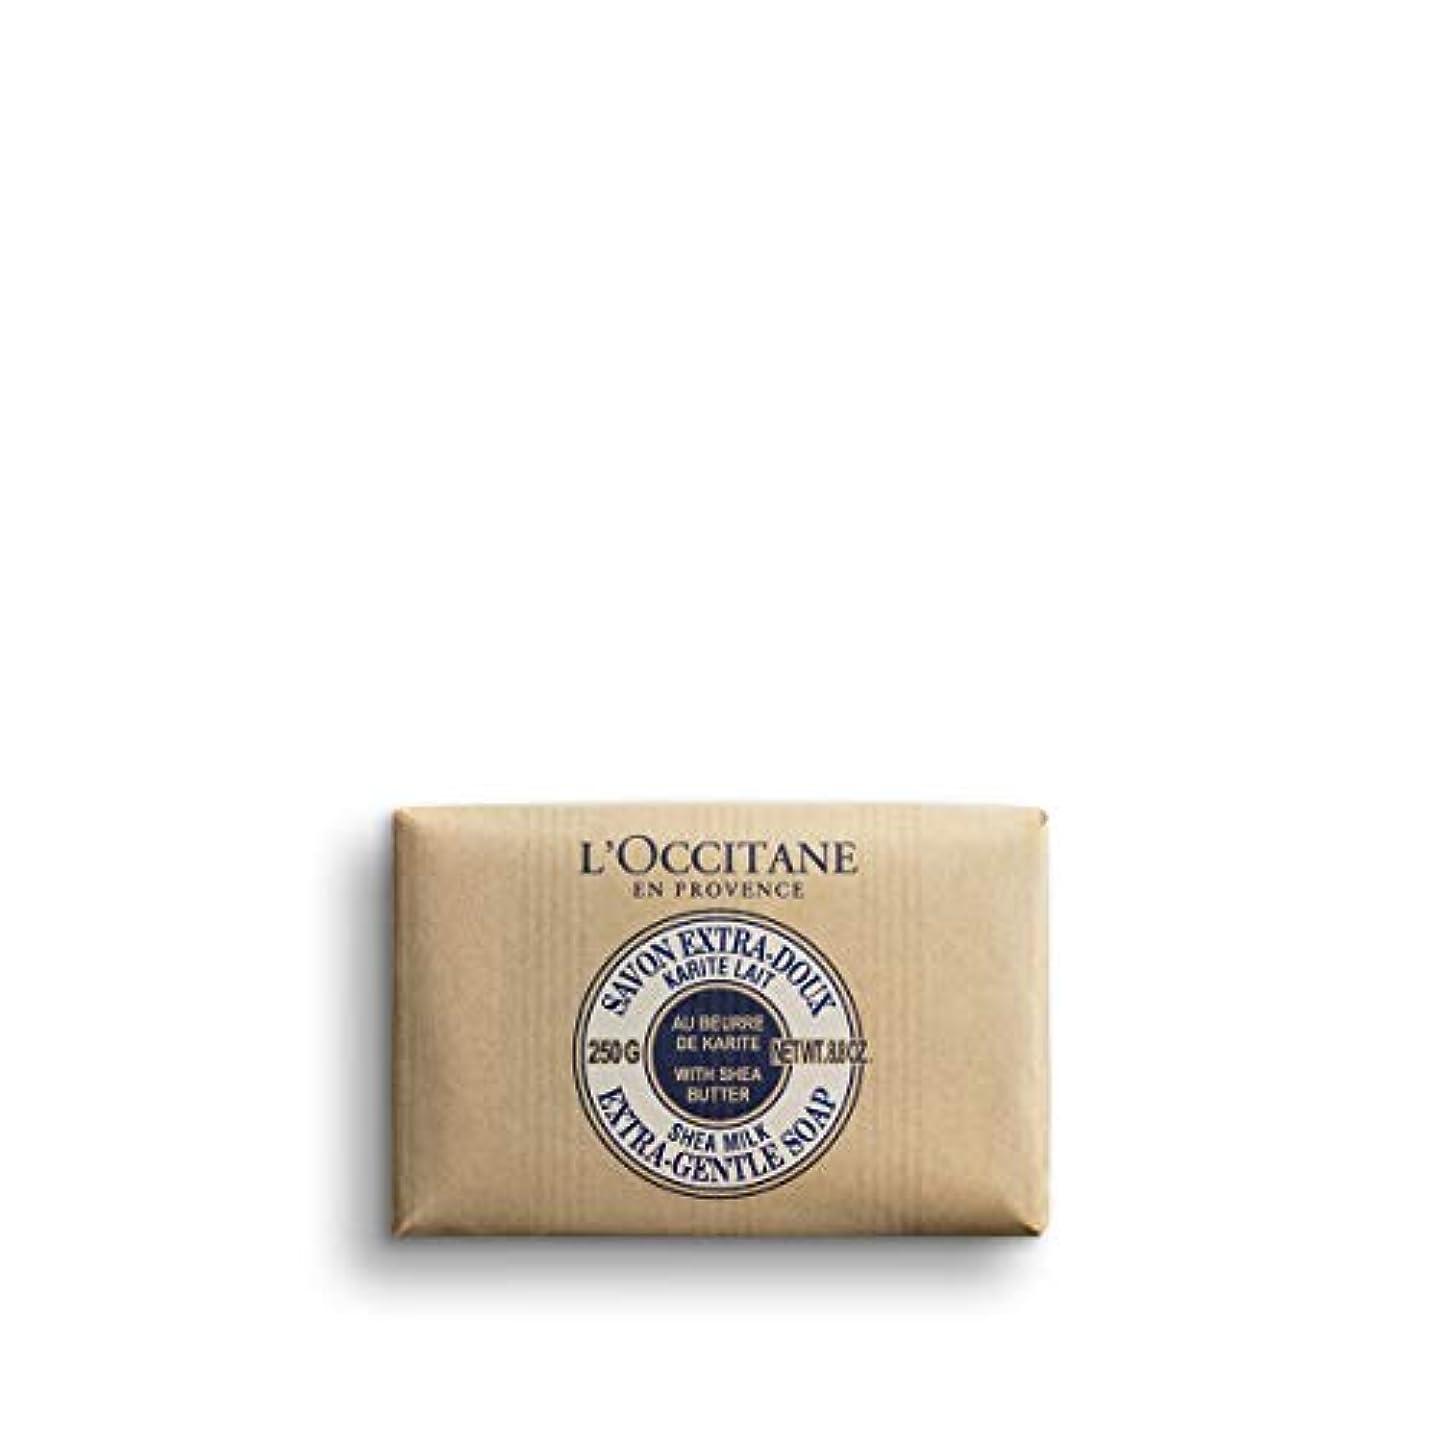 納税者シルク肥沃なロクシタン(L'OCCITANE) シアバターソープ 250g ミルク